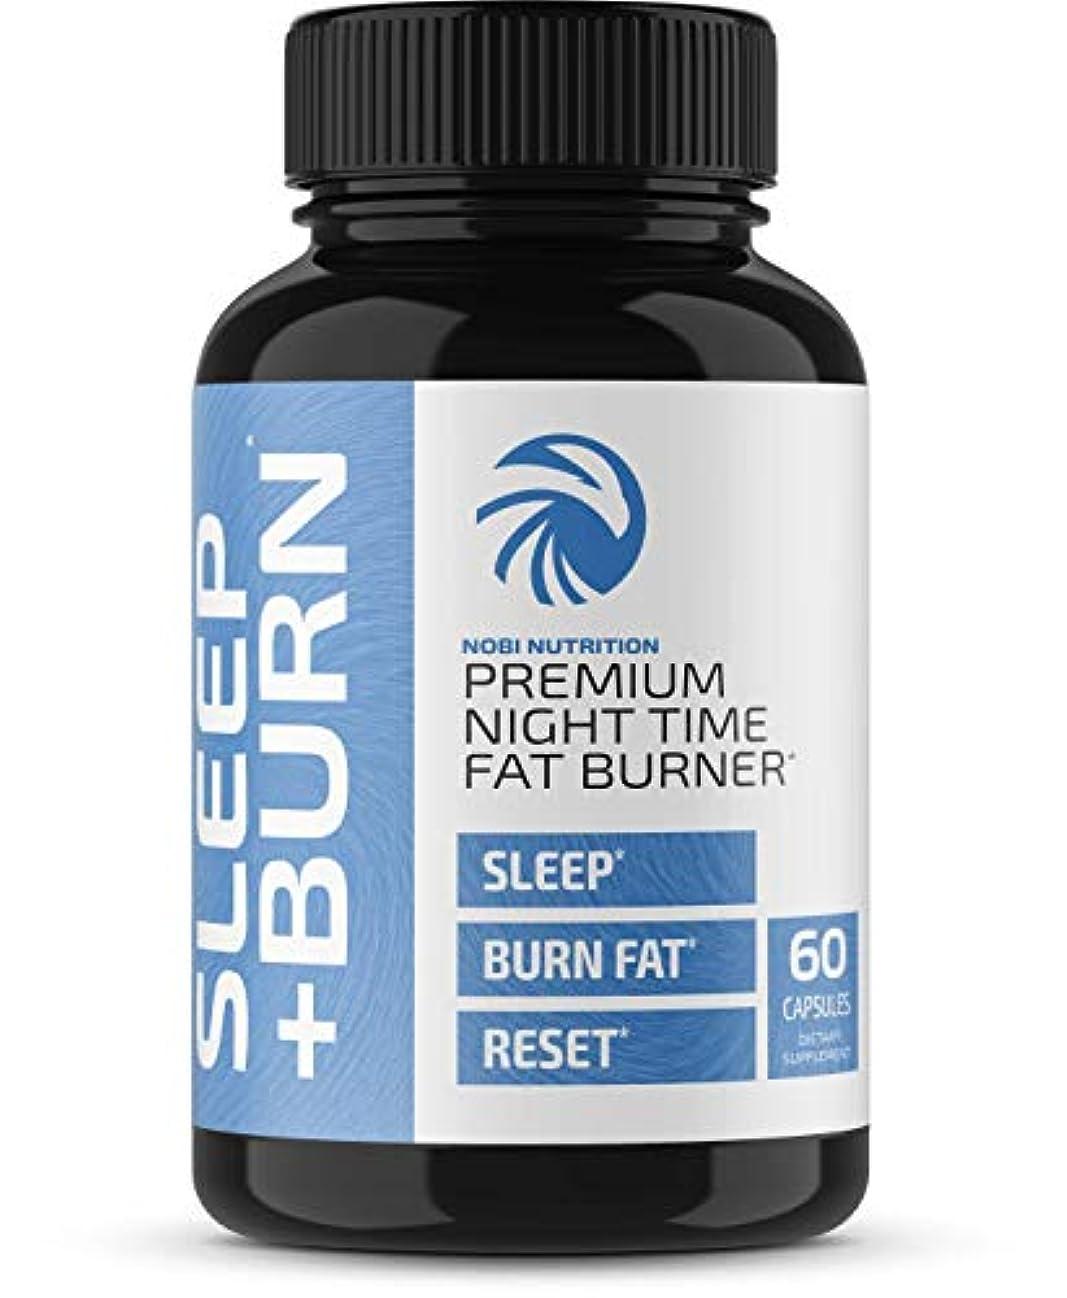 脊椎岸メールNobi Nutrition Night Time Fat Burner 寝ながら脂肪燃焼 ダイエット 燃焼系 サプリ 60粒 [海外直送品]